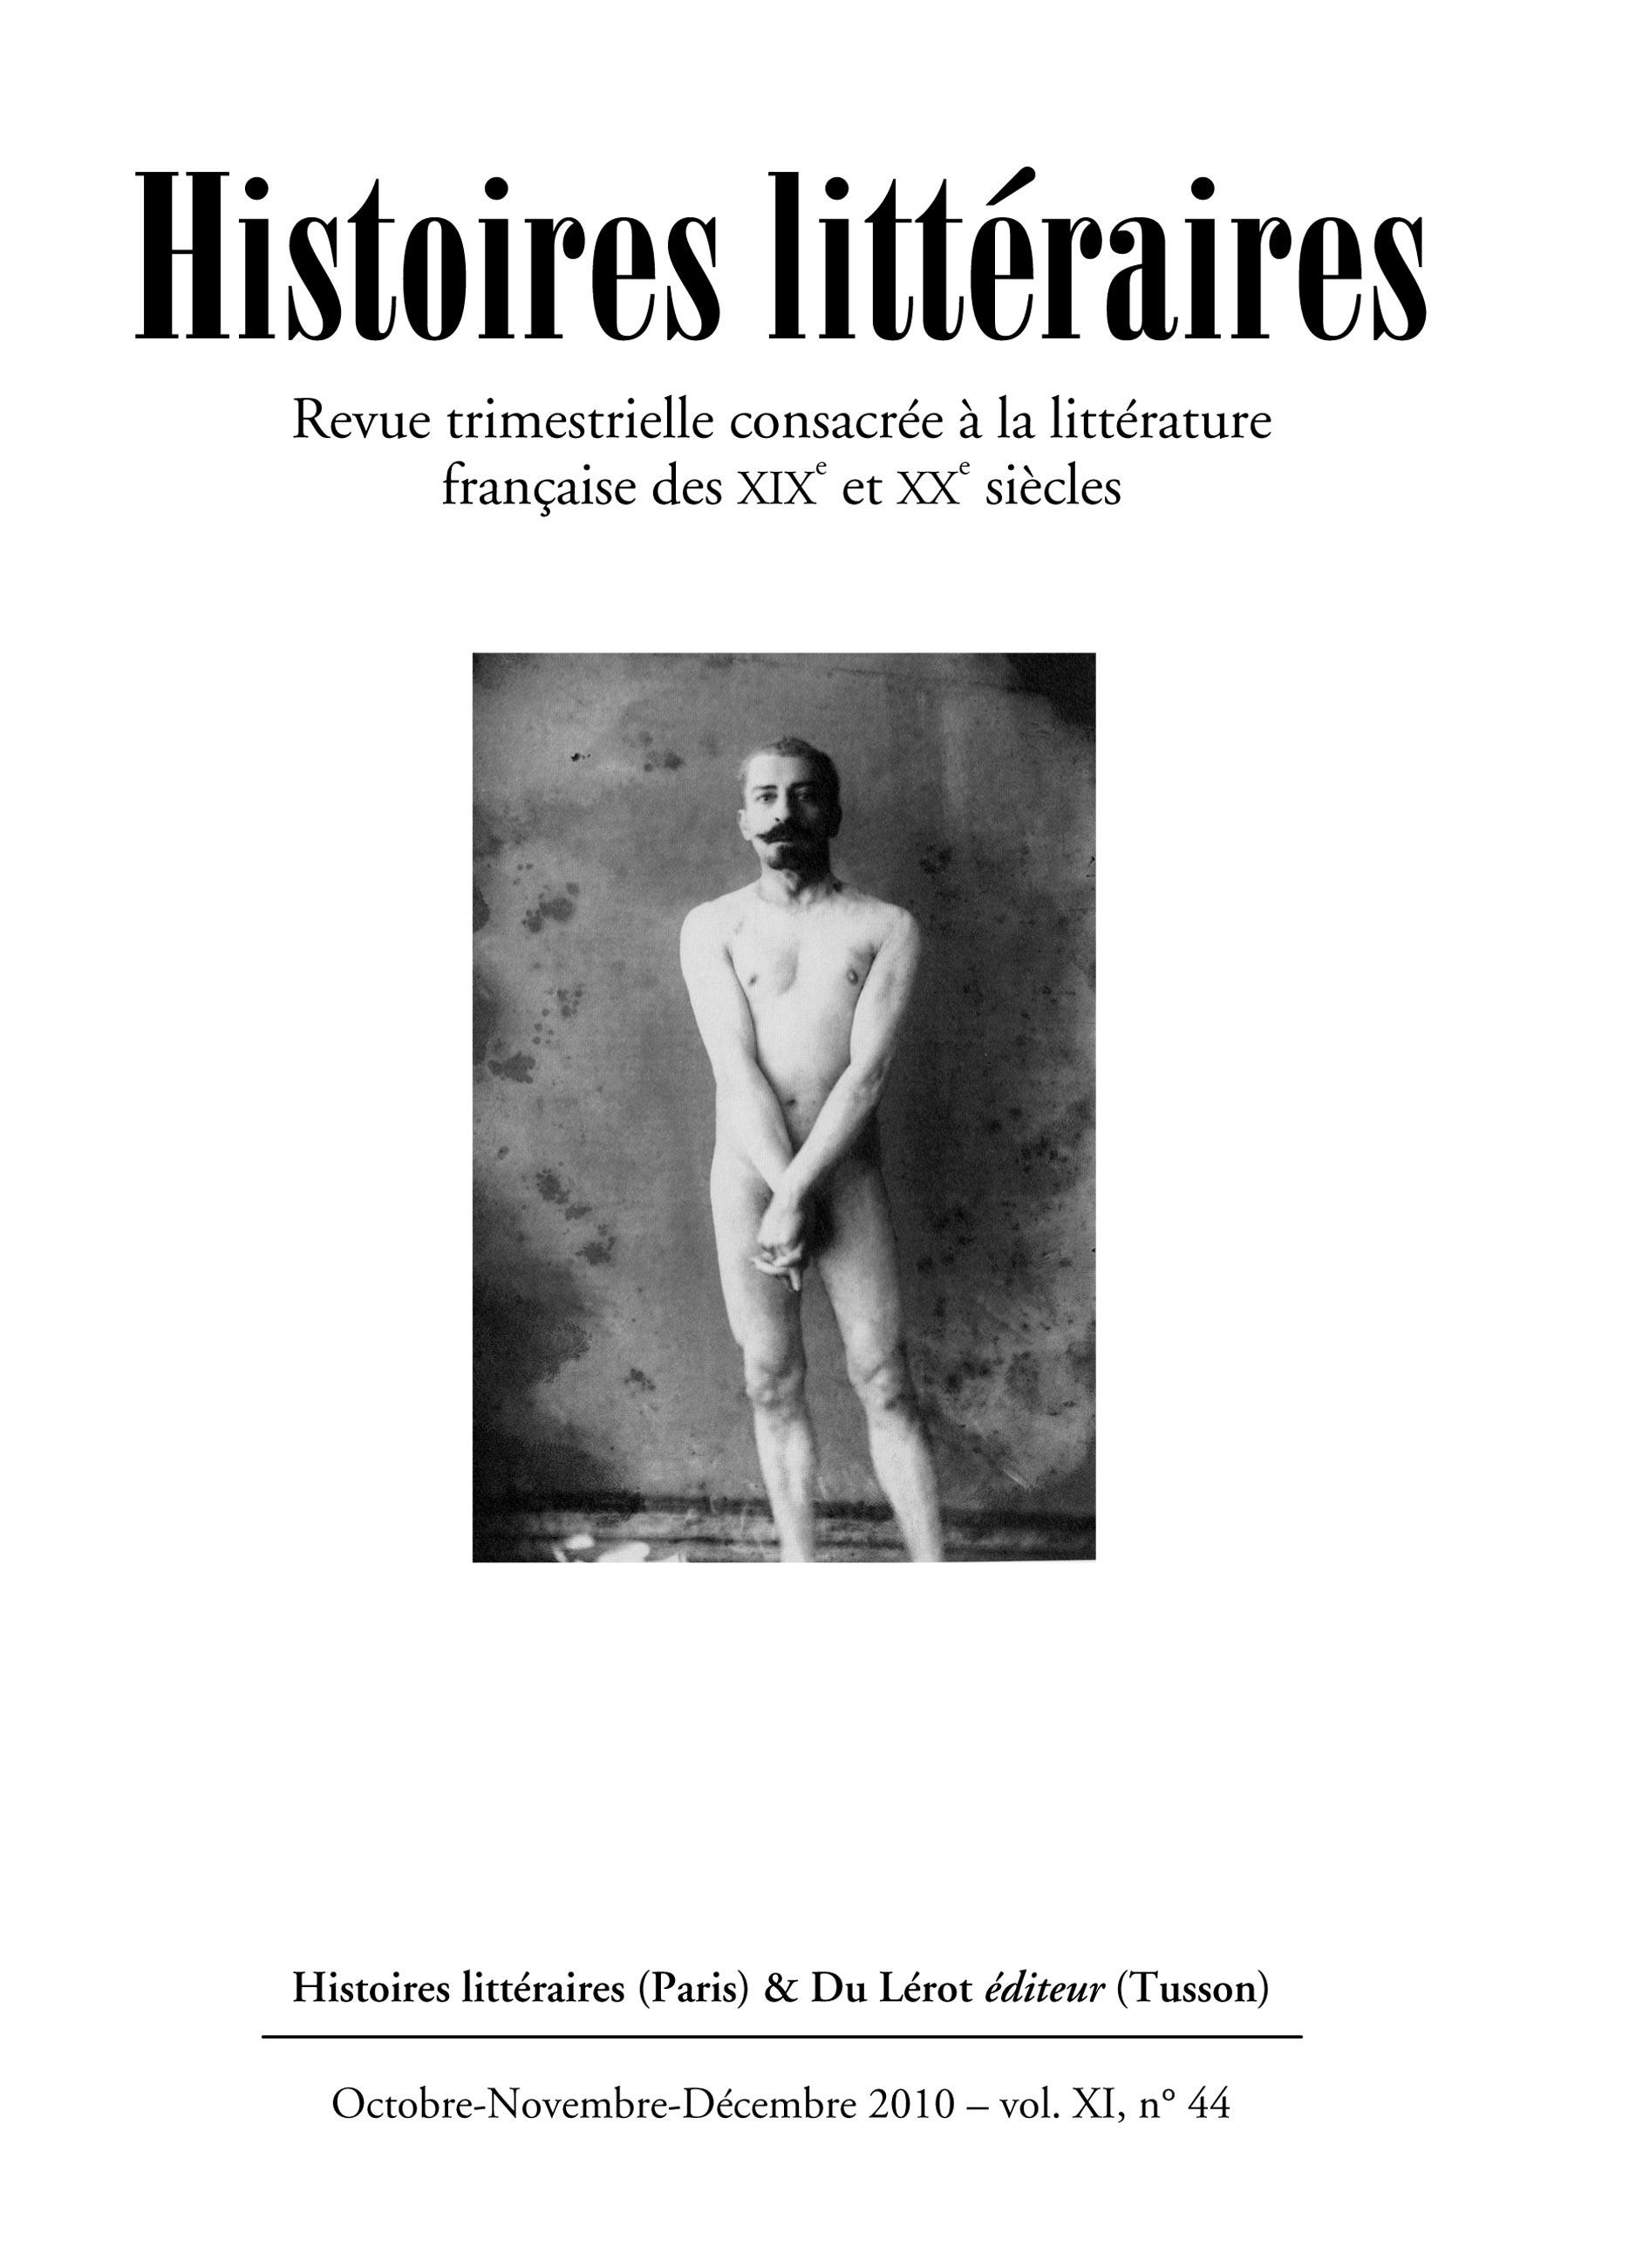 Couverture d'Histoires littéraires n°44